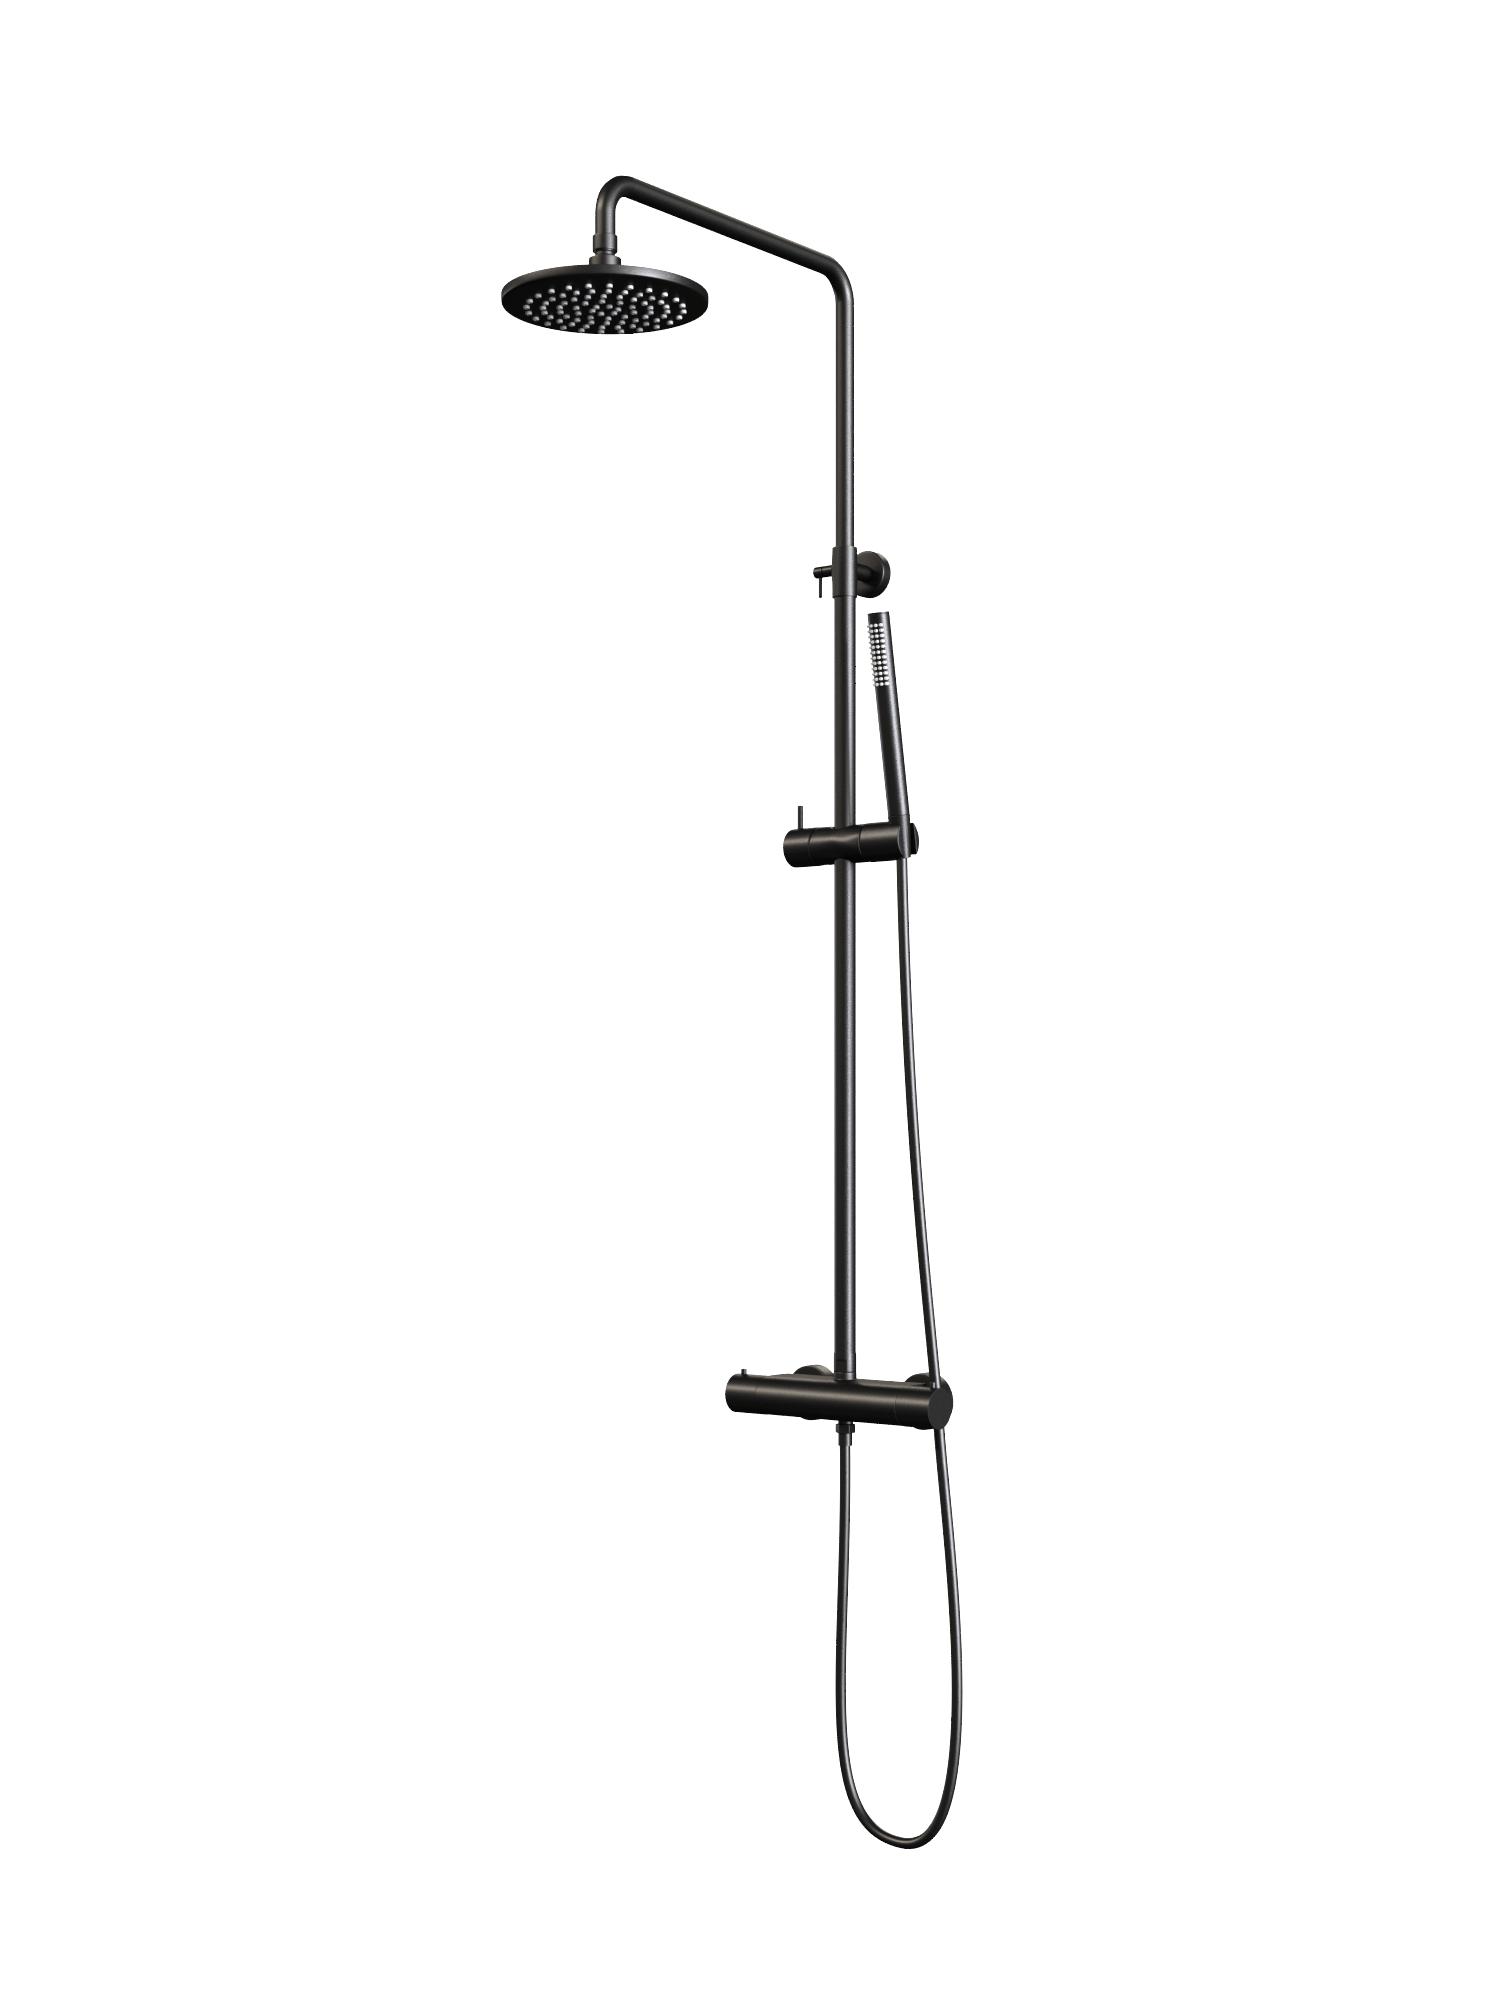 Regendouche Brauer Black Showerpipe met Thermostaat 20cm Mat Zwart Kranen > Regendouche > Opbouw Regendouche snel en voordelig in huis